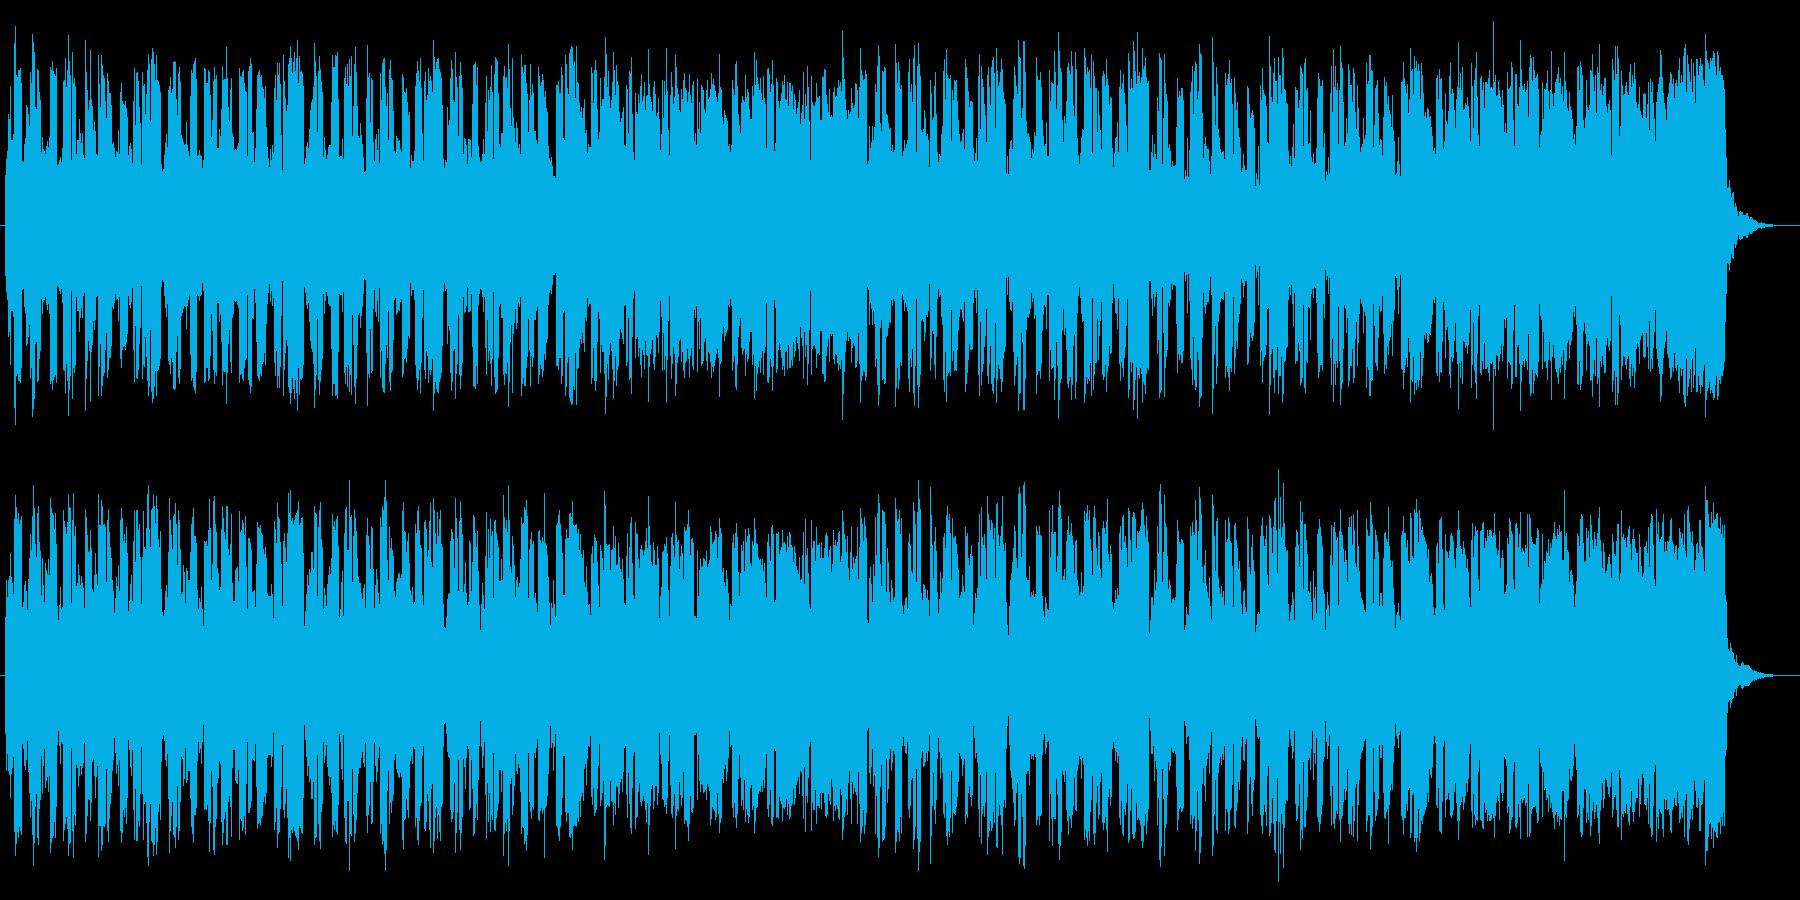 情熱的なストリングポップスの再生済みの波形